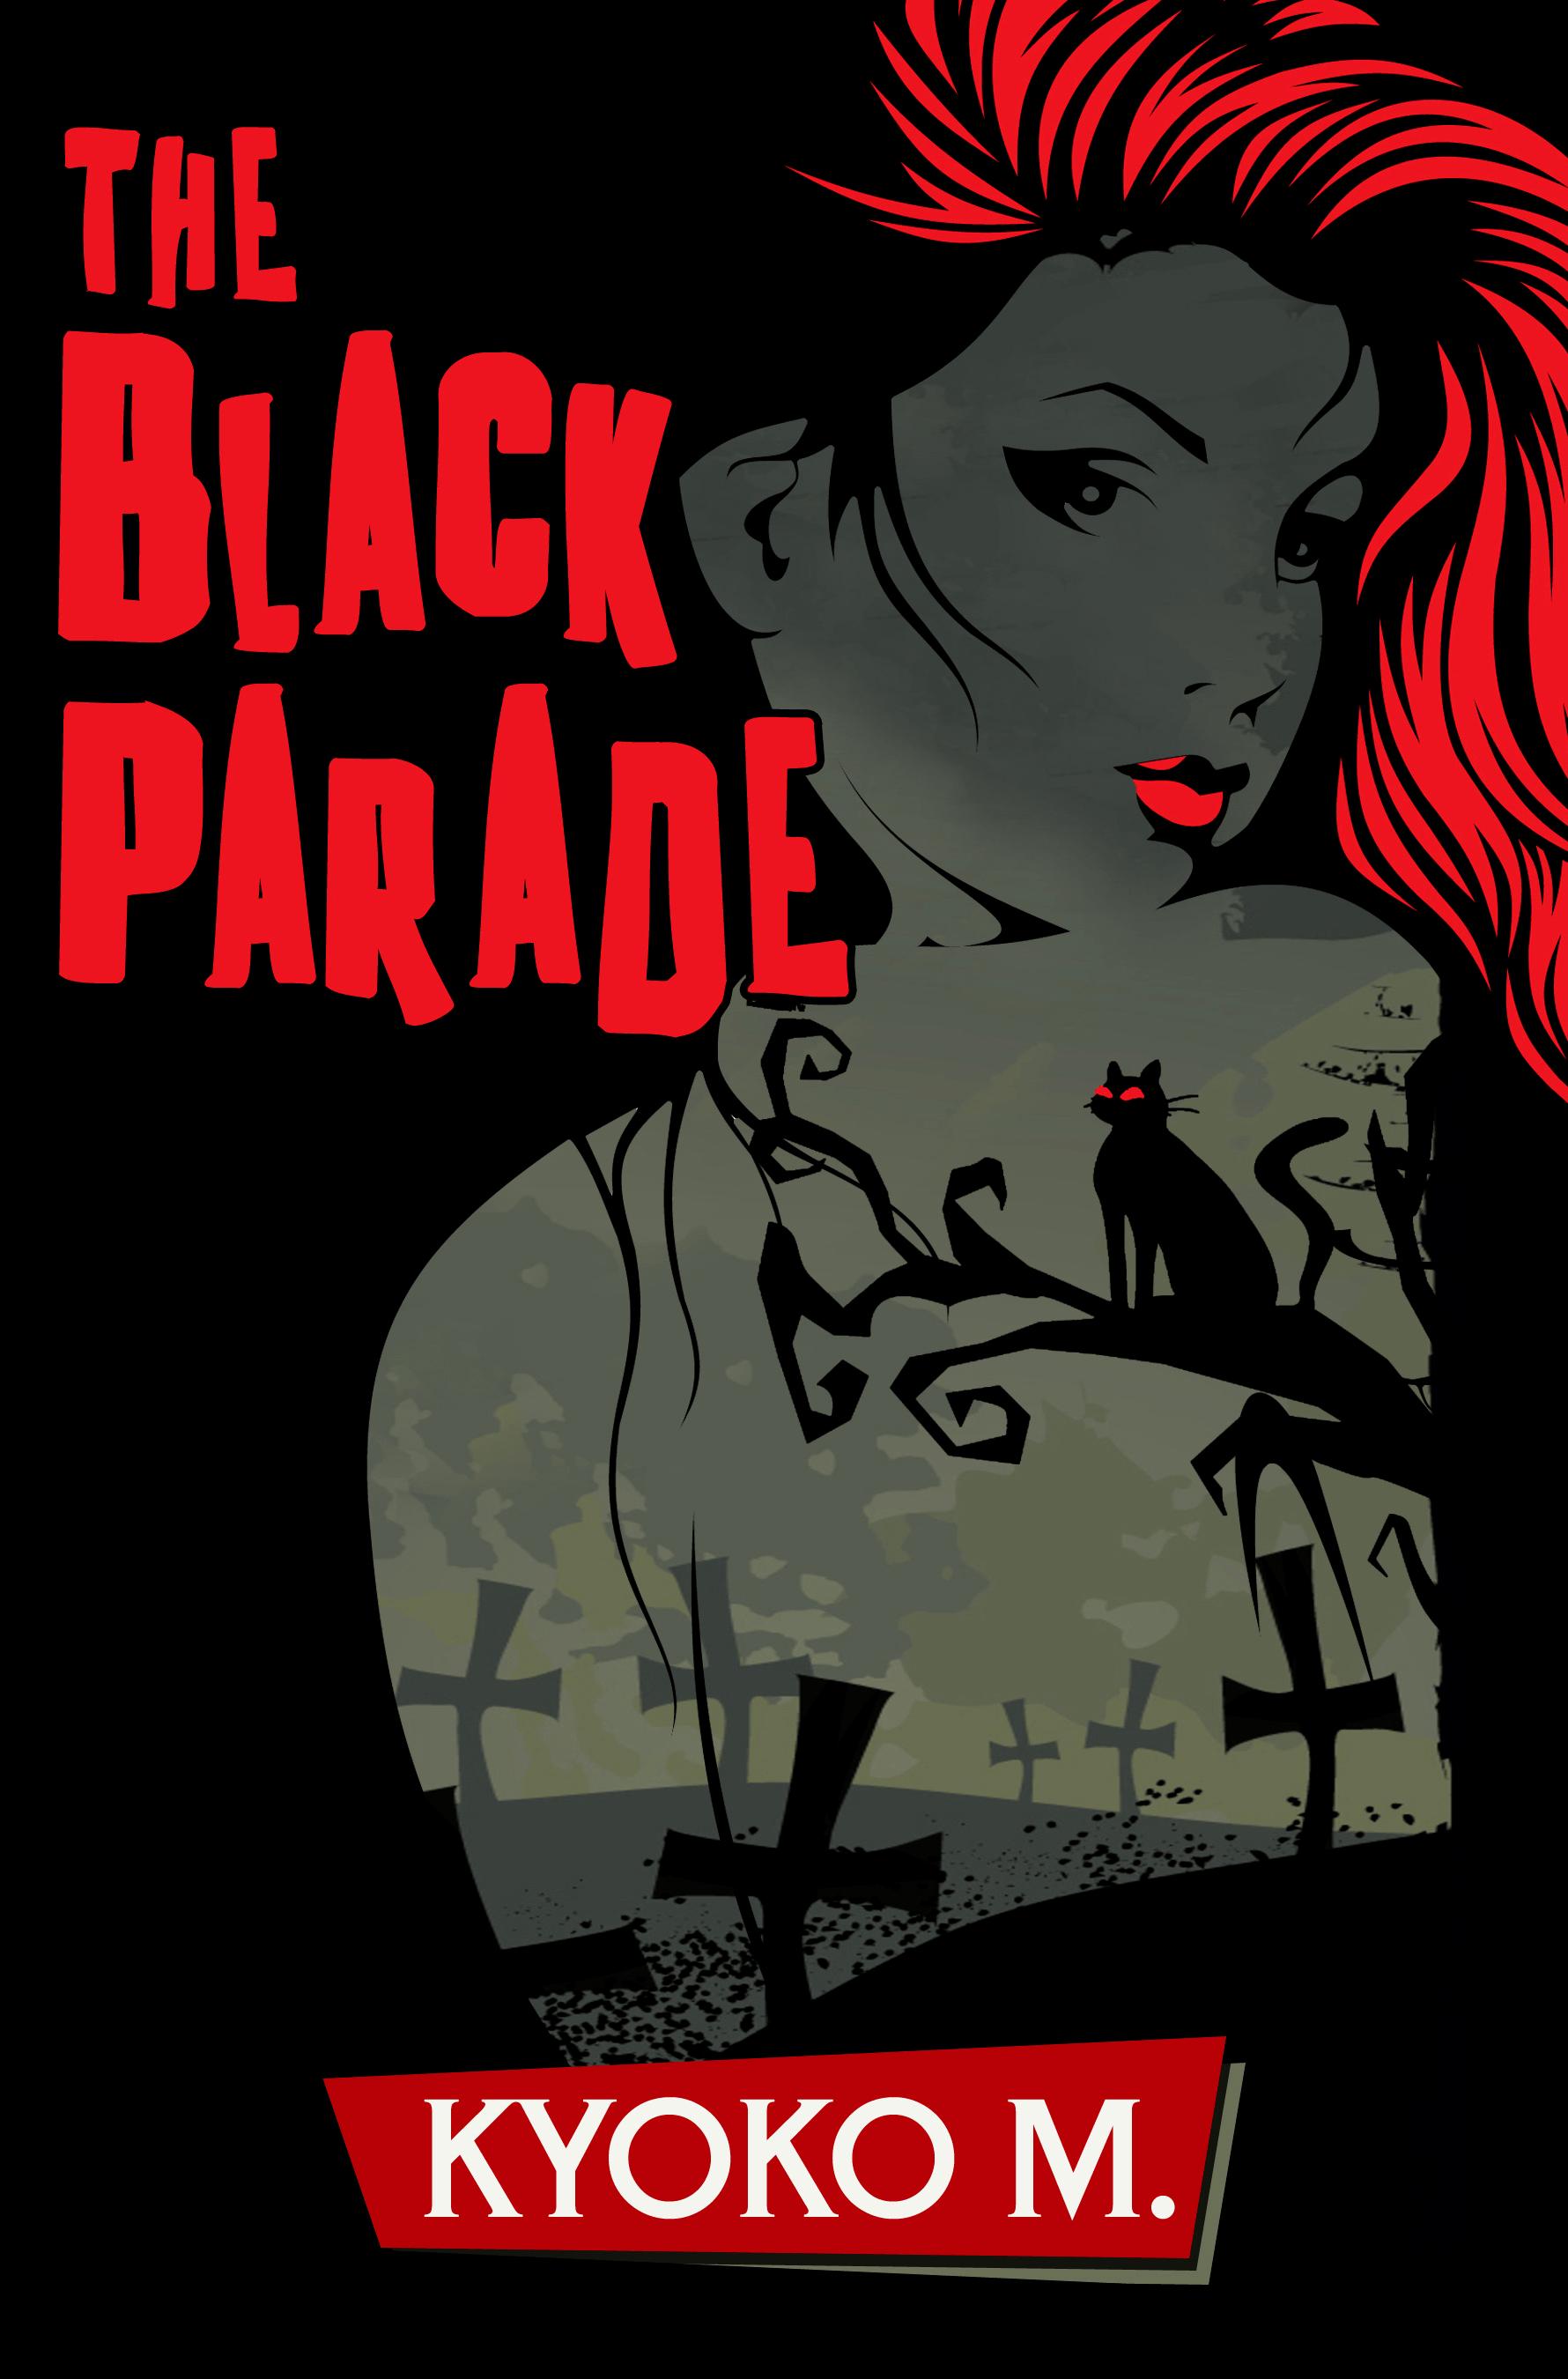 The Black Parade, Kyoko M.